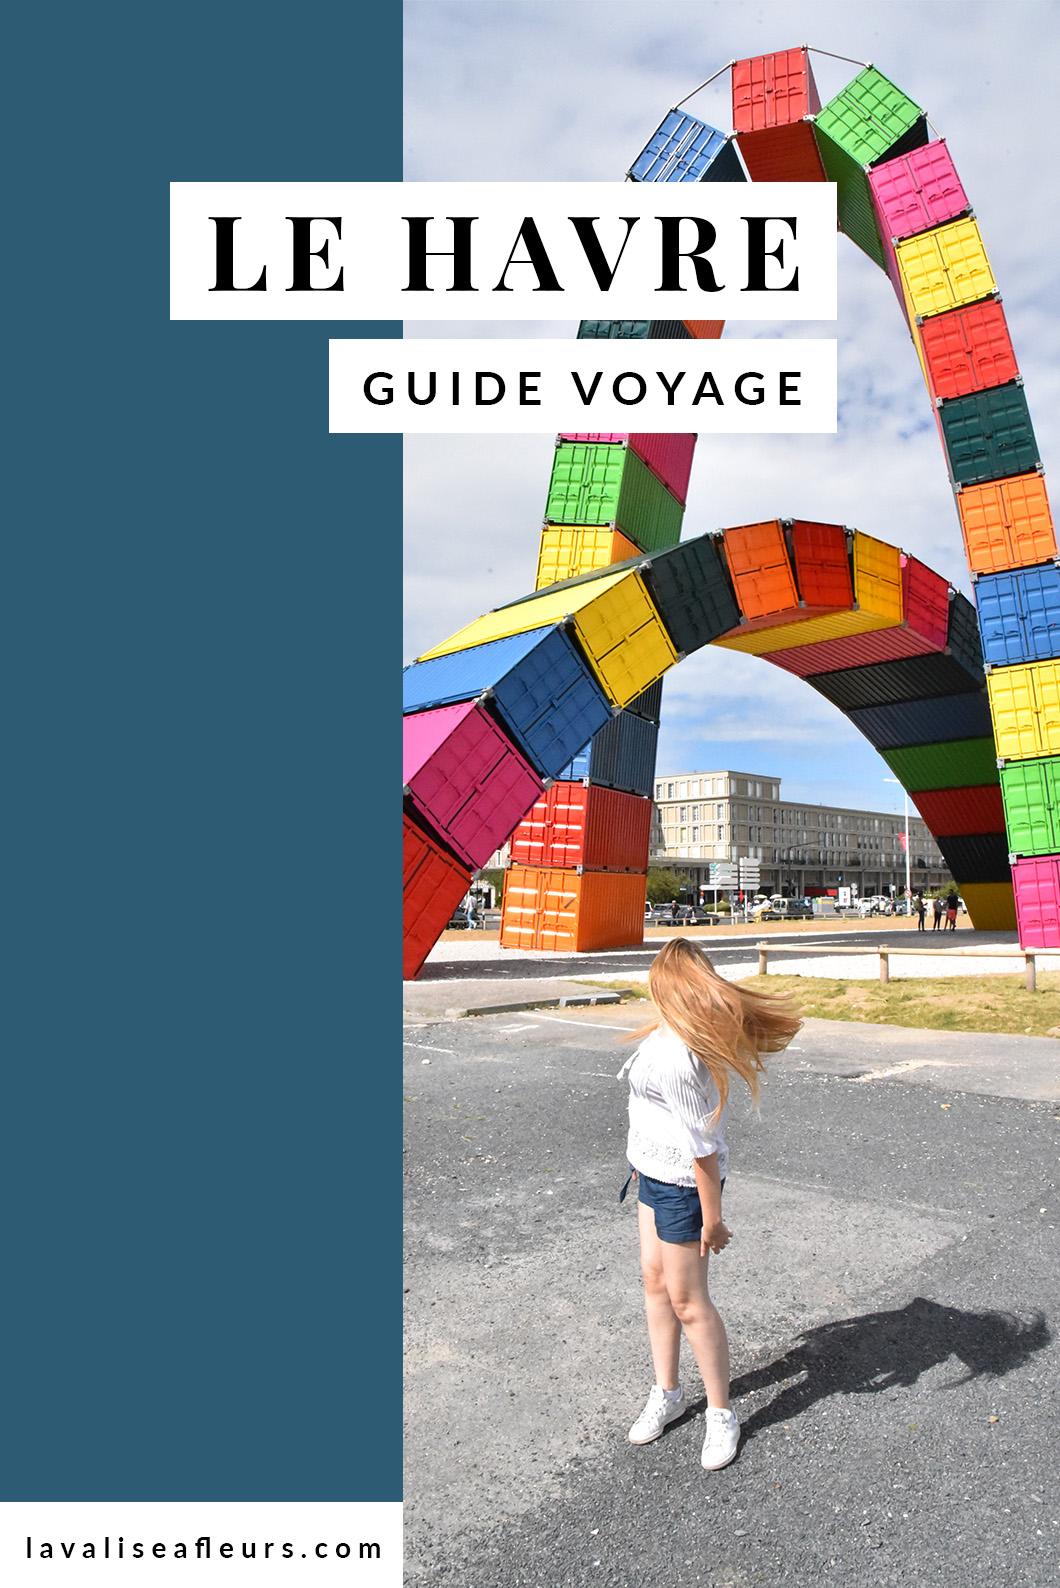 Guide voyage du Havre